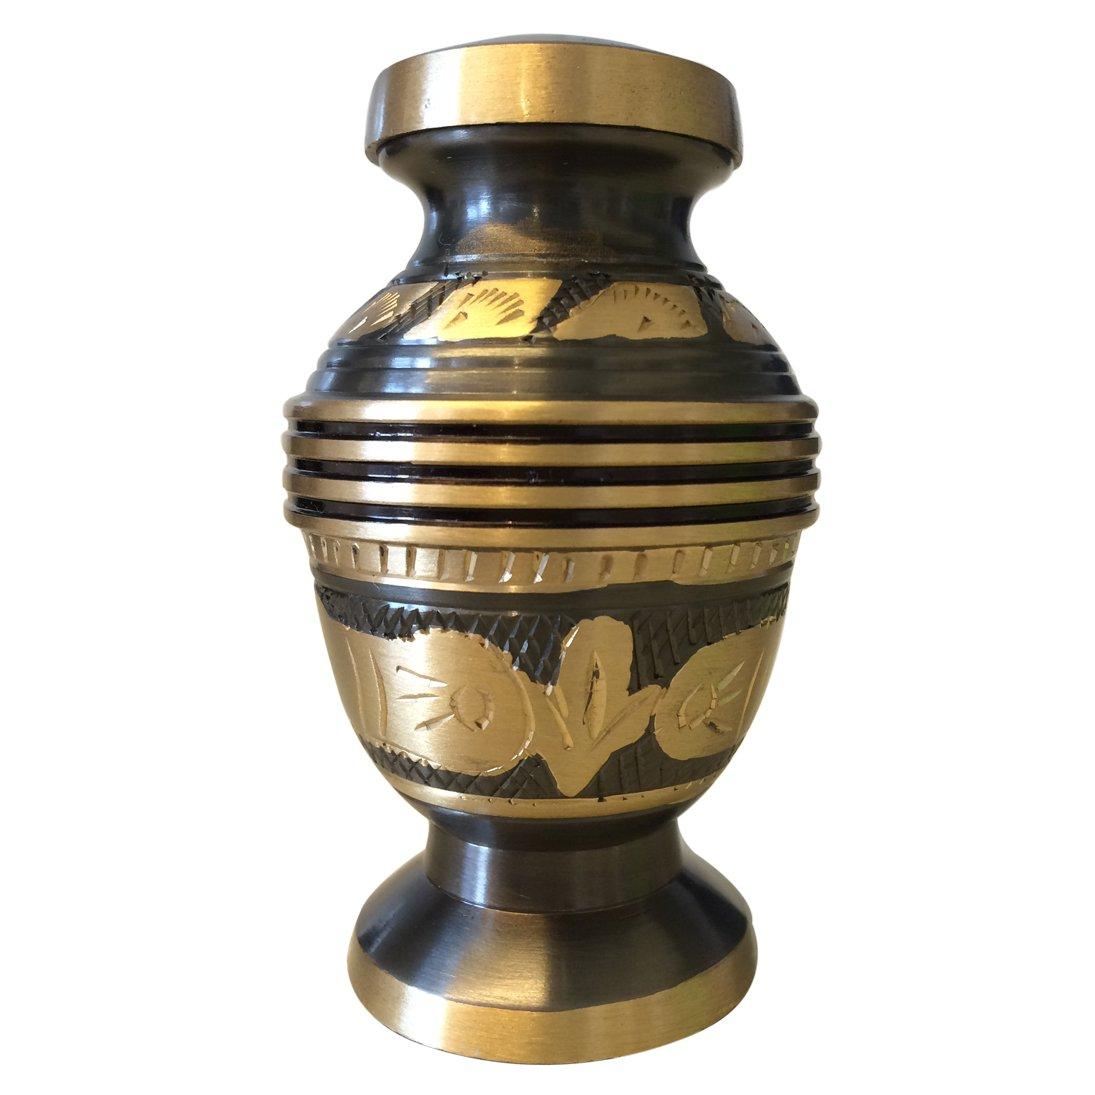 Black & Gold Engraved Floral Keepsake Urn, Mini Cremation Urns for Ashes